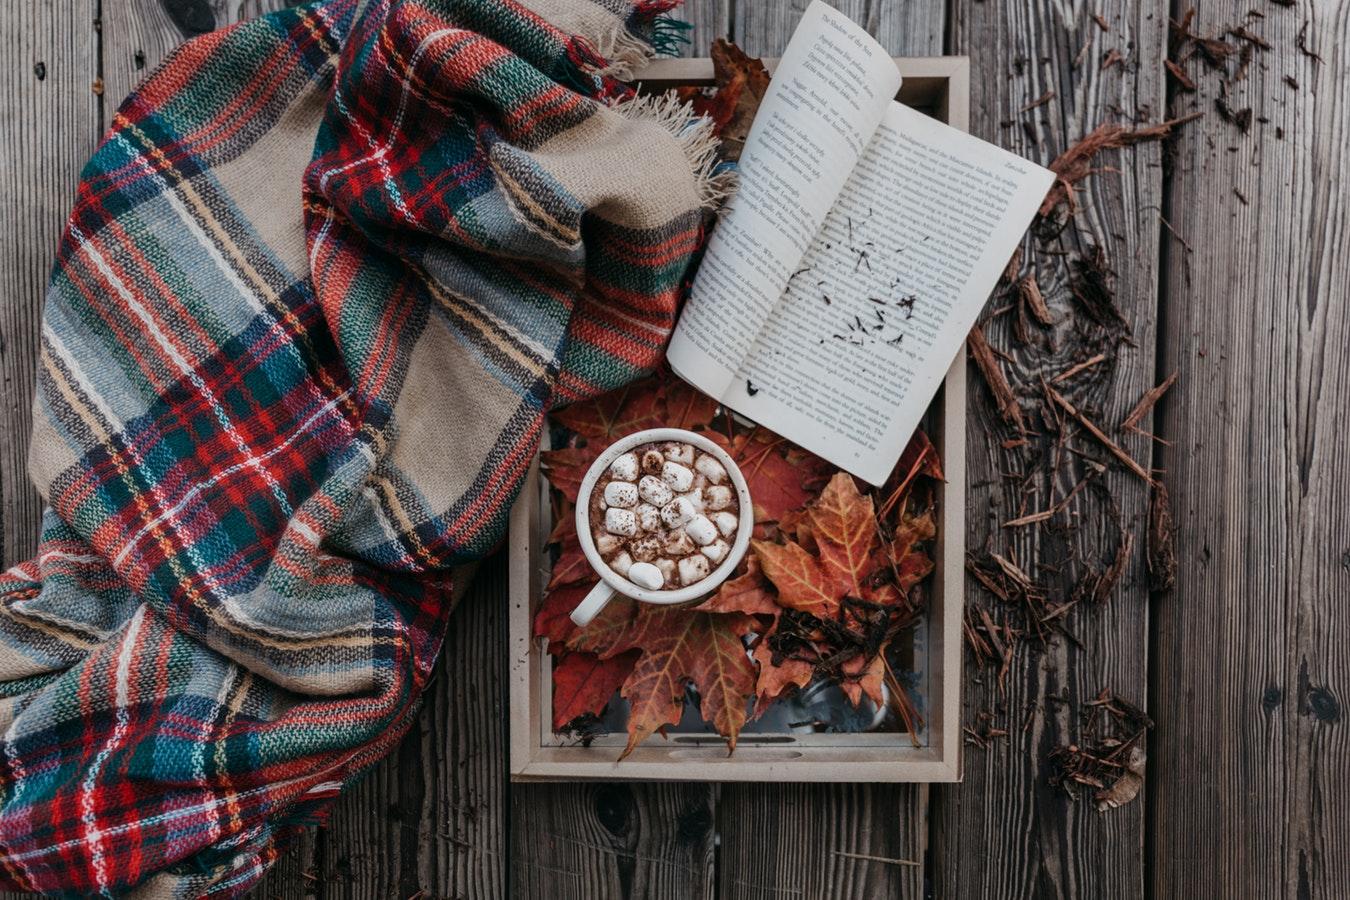 Préparatifs pour une soirée cocooning : plaid, chocolat chaud et livre posés sur un plateau